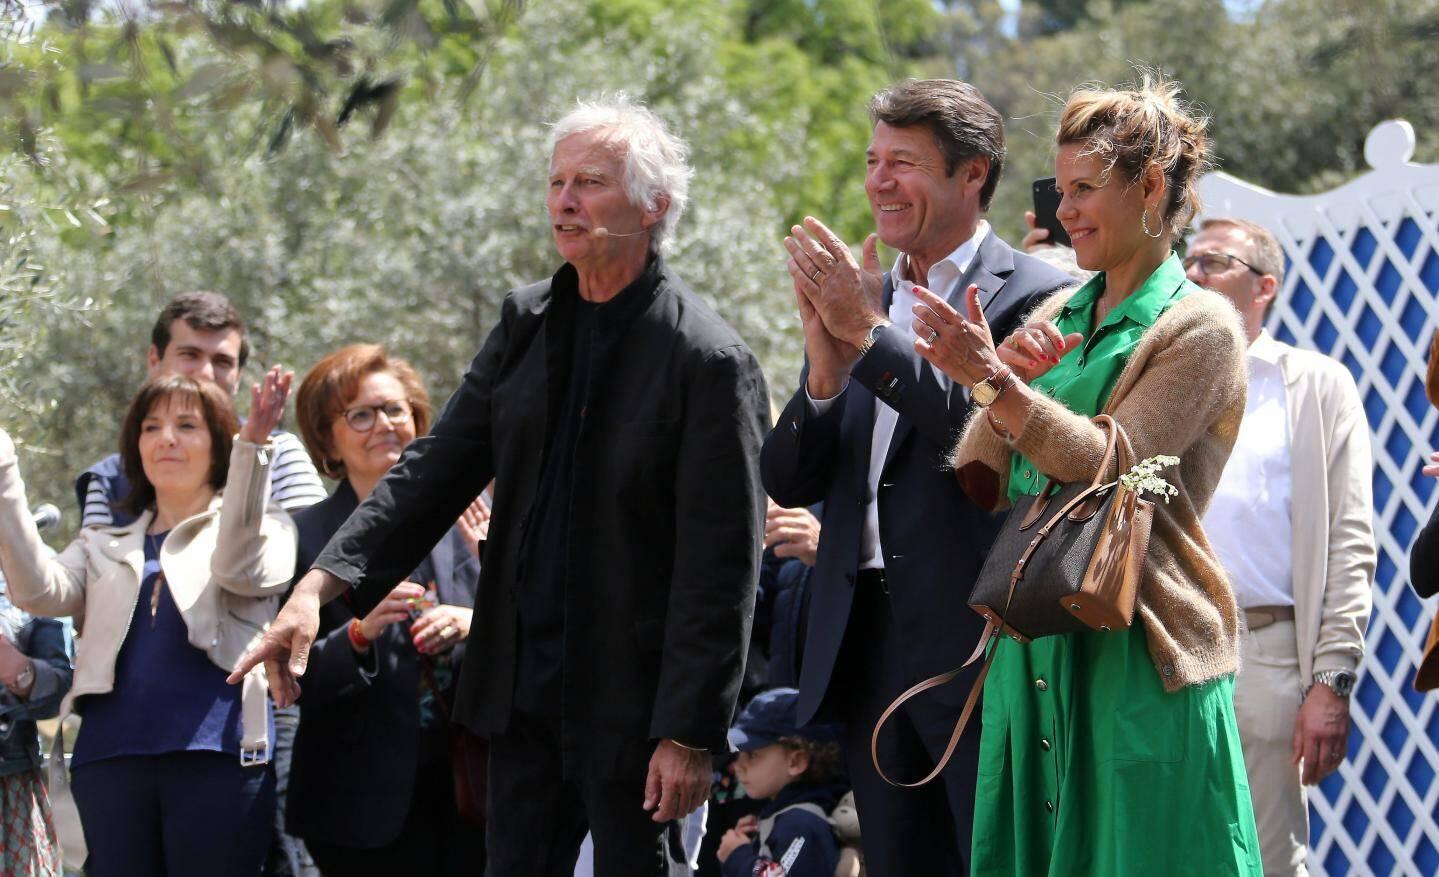 Accompagné de son épouse Laura, Christian Estrosi, ci-dessus aux côtés de Michel Bianco du Corou de Berra, a inauguré le festin des Mai.